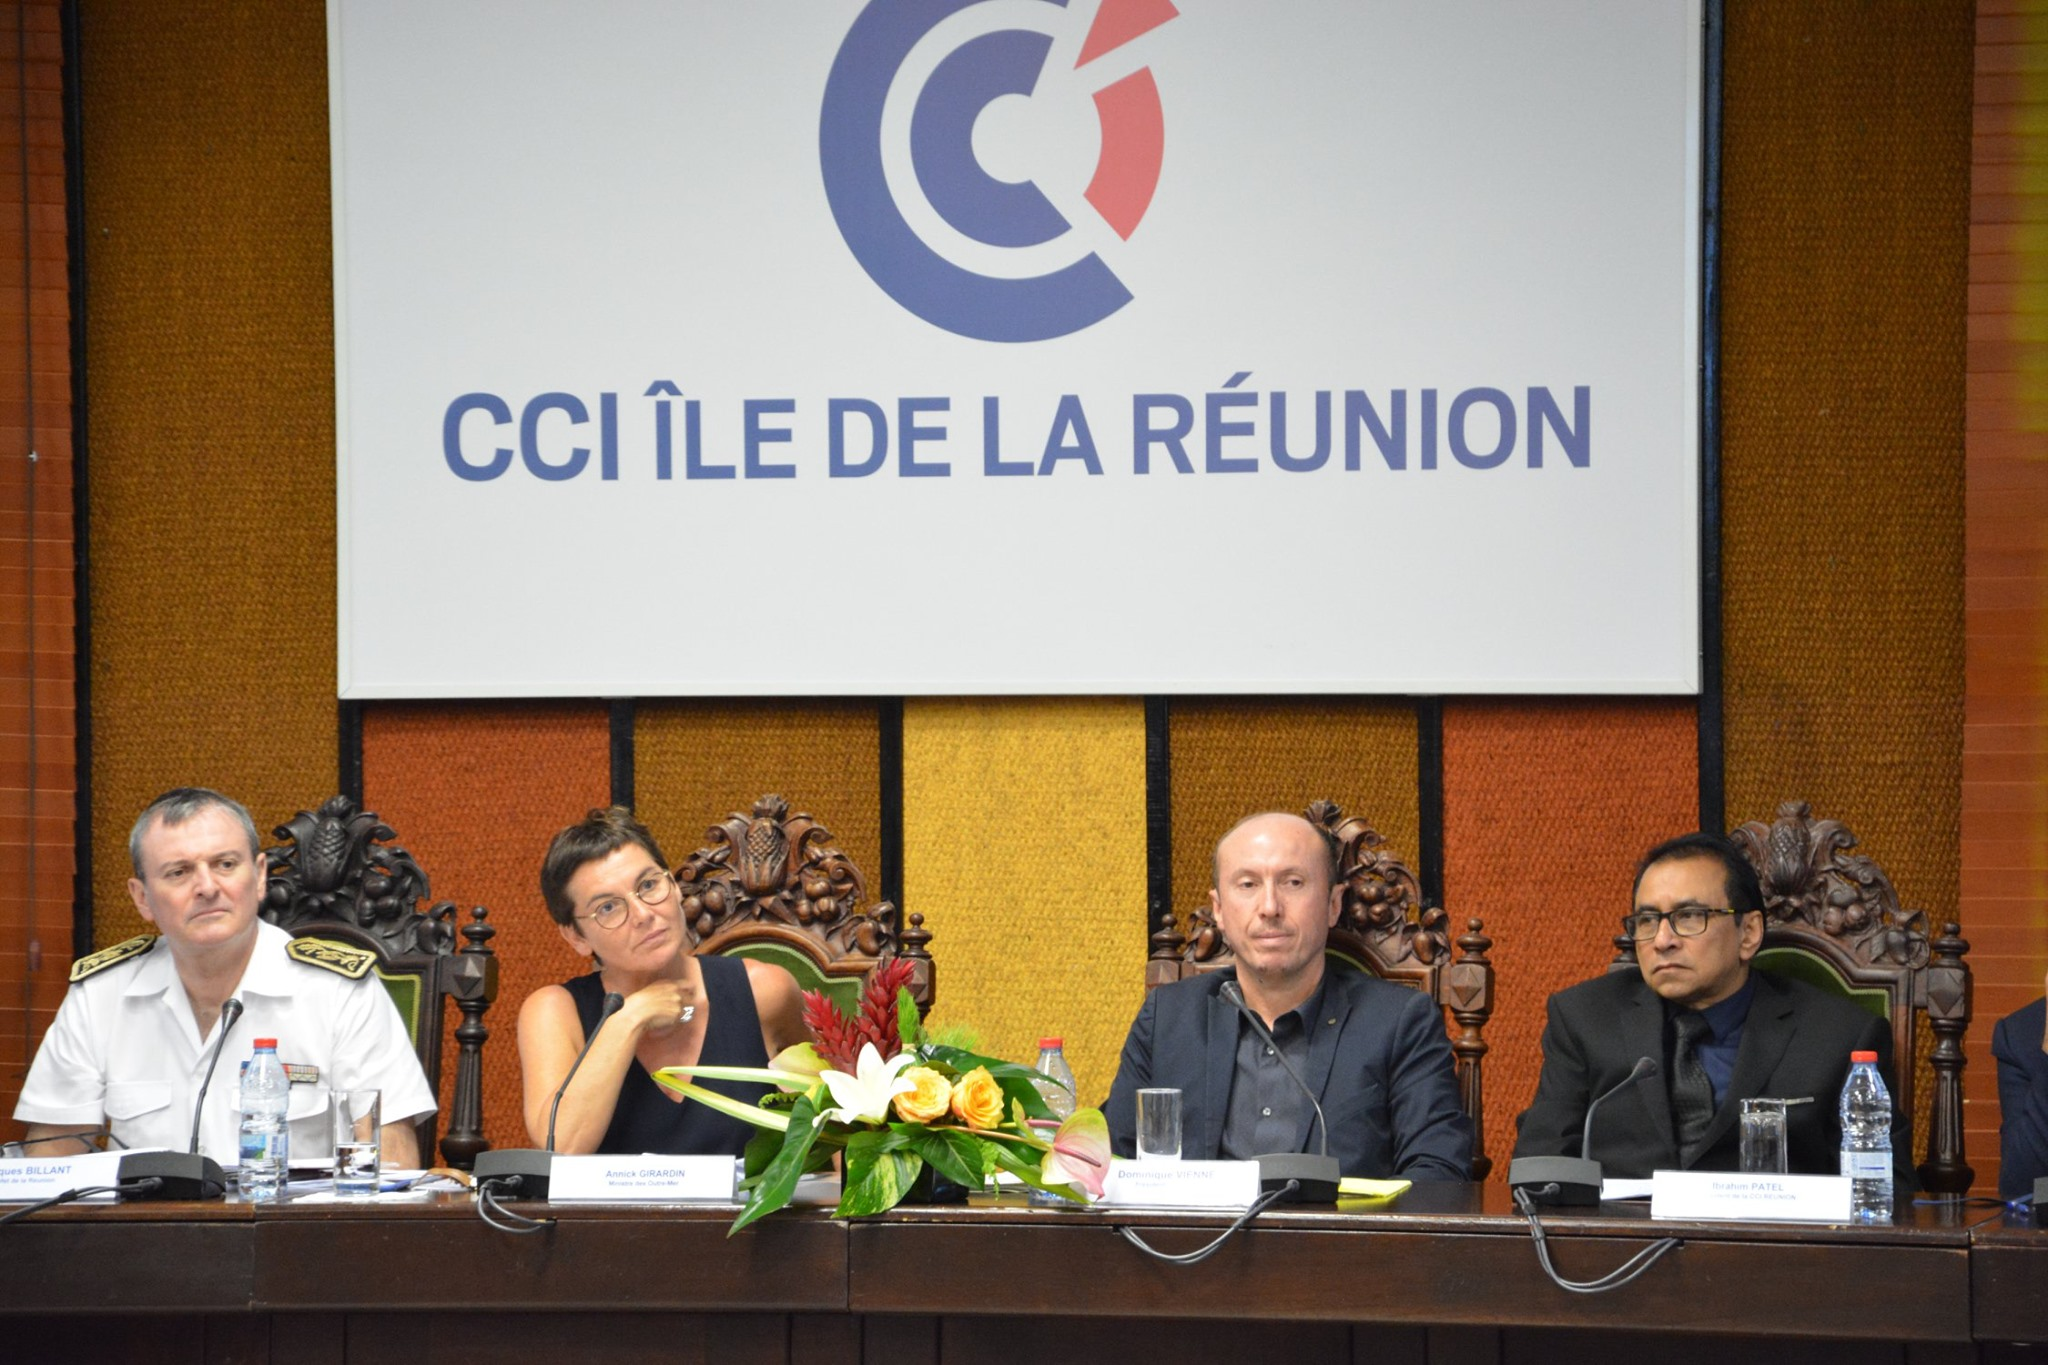 La Réunion: Annick Girardin installe le haut conseil de la commande publique